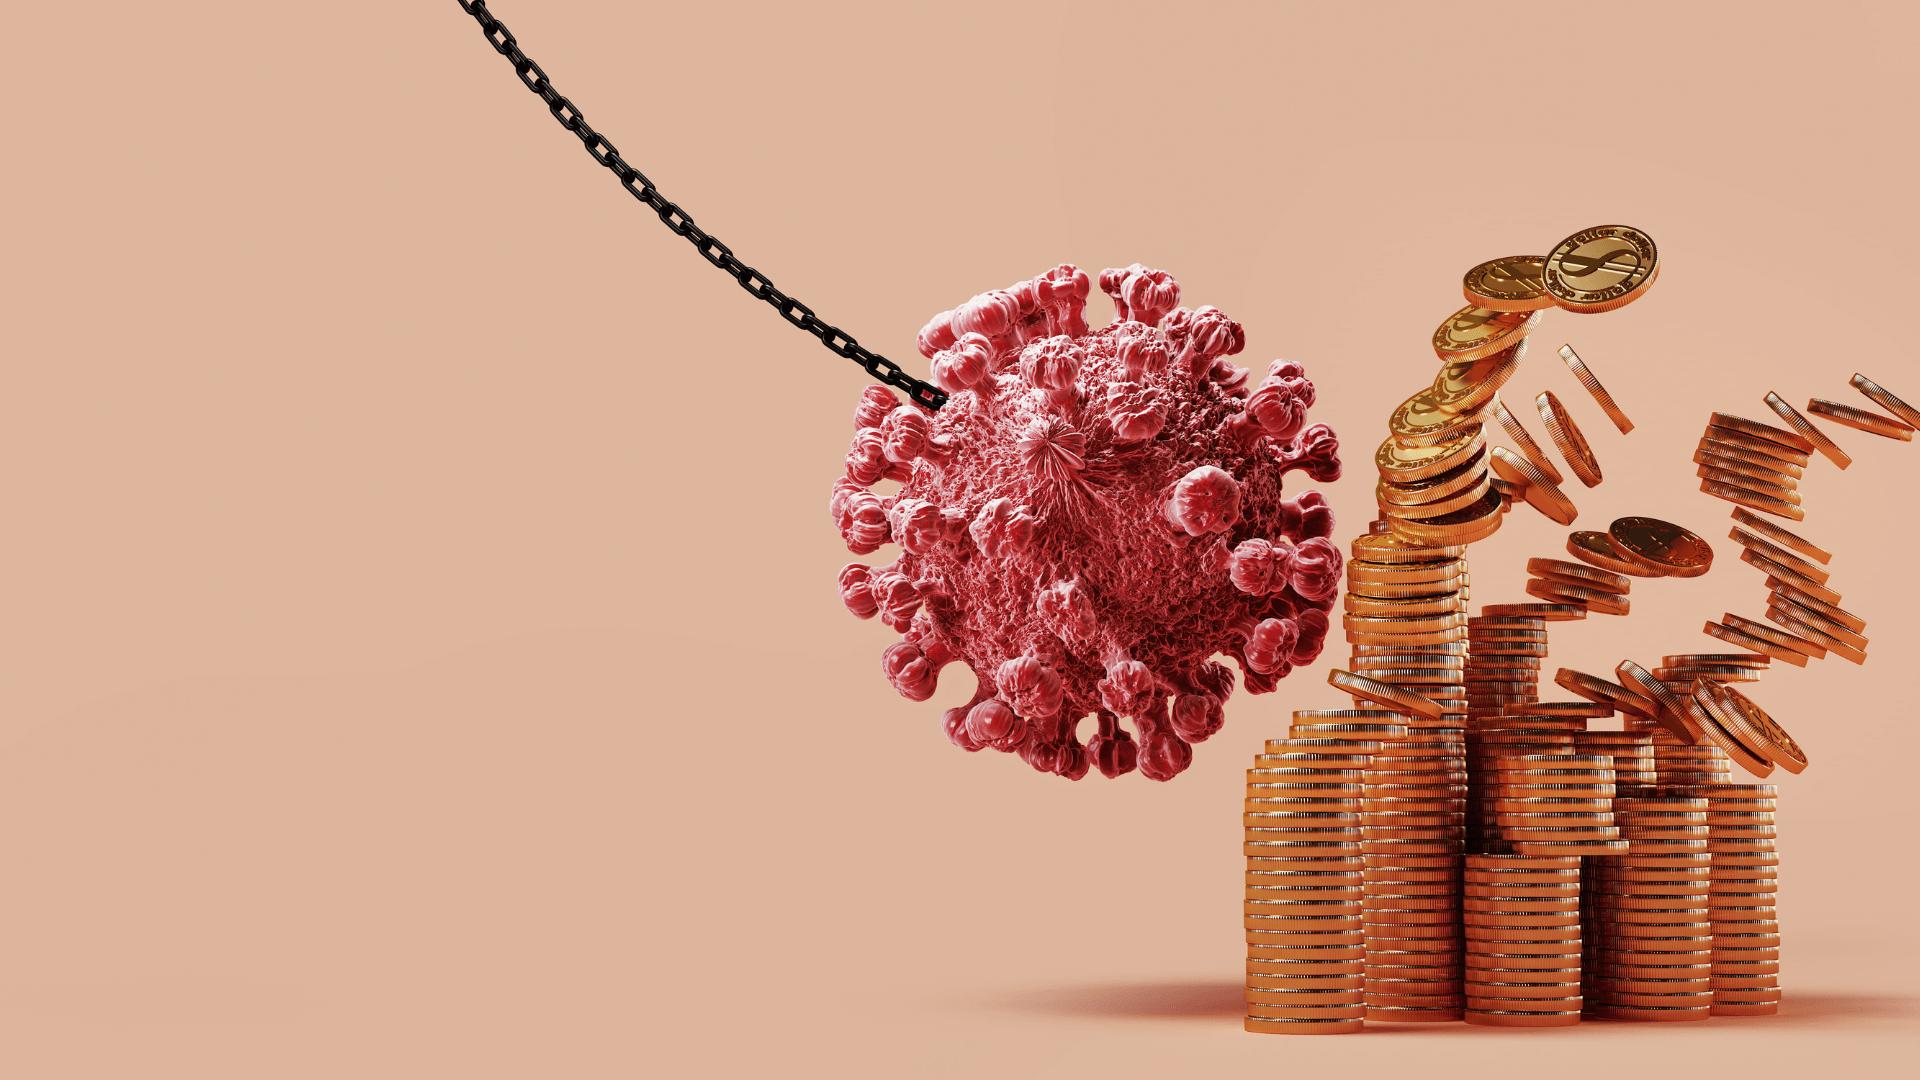 melhore os resultados na crise causada pelo coronavírus